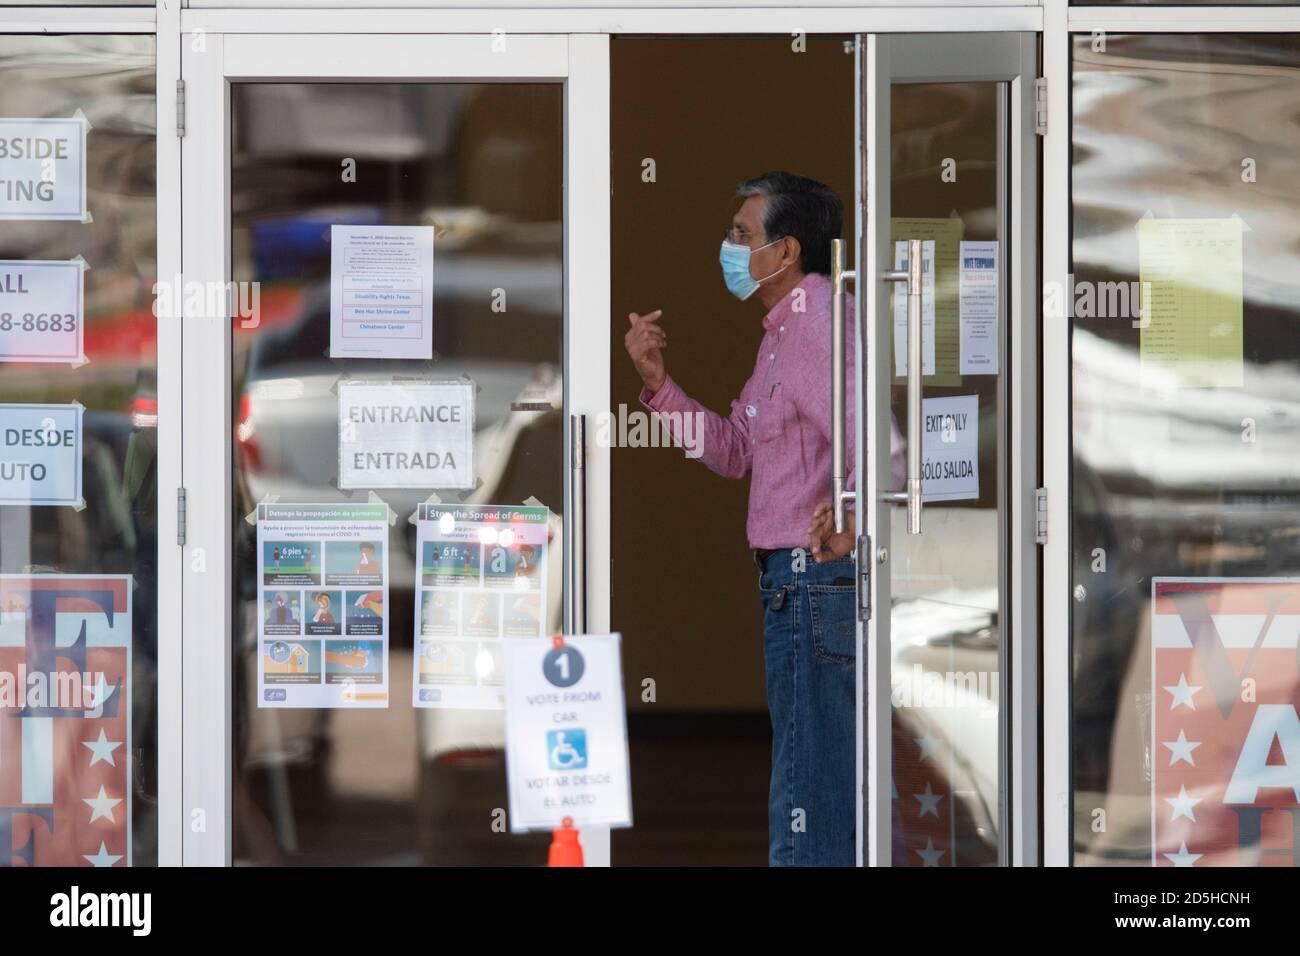 Austin, TX USA, 13. Oktober 2020: Der Wahlhelfer Rogelio Cipriano hält die Tür, als die Wähler am ersten Tag der vorzeitigen Abstimmung in Texas ein- und aussteigen. Regierungsvertreter der Landtagswahlen berichten von Rekordzahlen früher Wähler und nur geringfügigen Verarbeitungsproblemen, da bis Mittag 14,000 Stimmzettel abgeworfen wurden. Kredit: Bob Daemmrich/Alamy Live Nachrichten Stockfoto